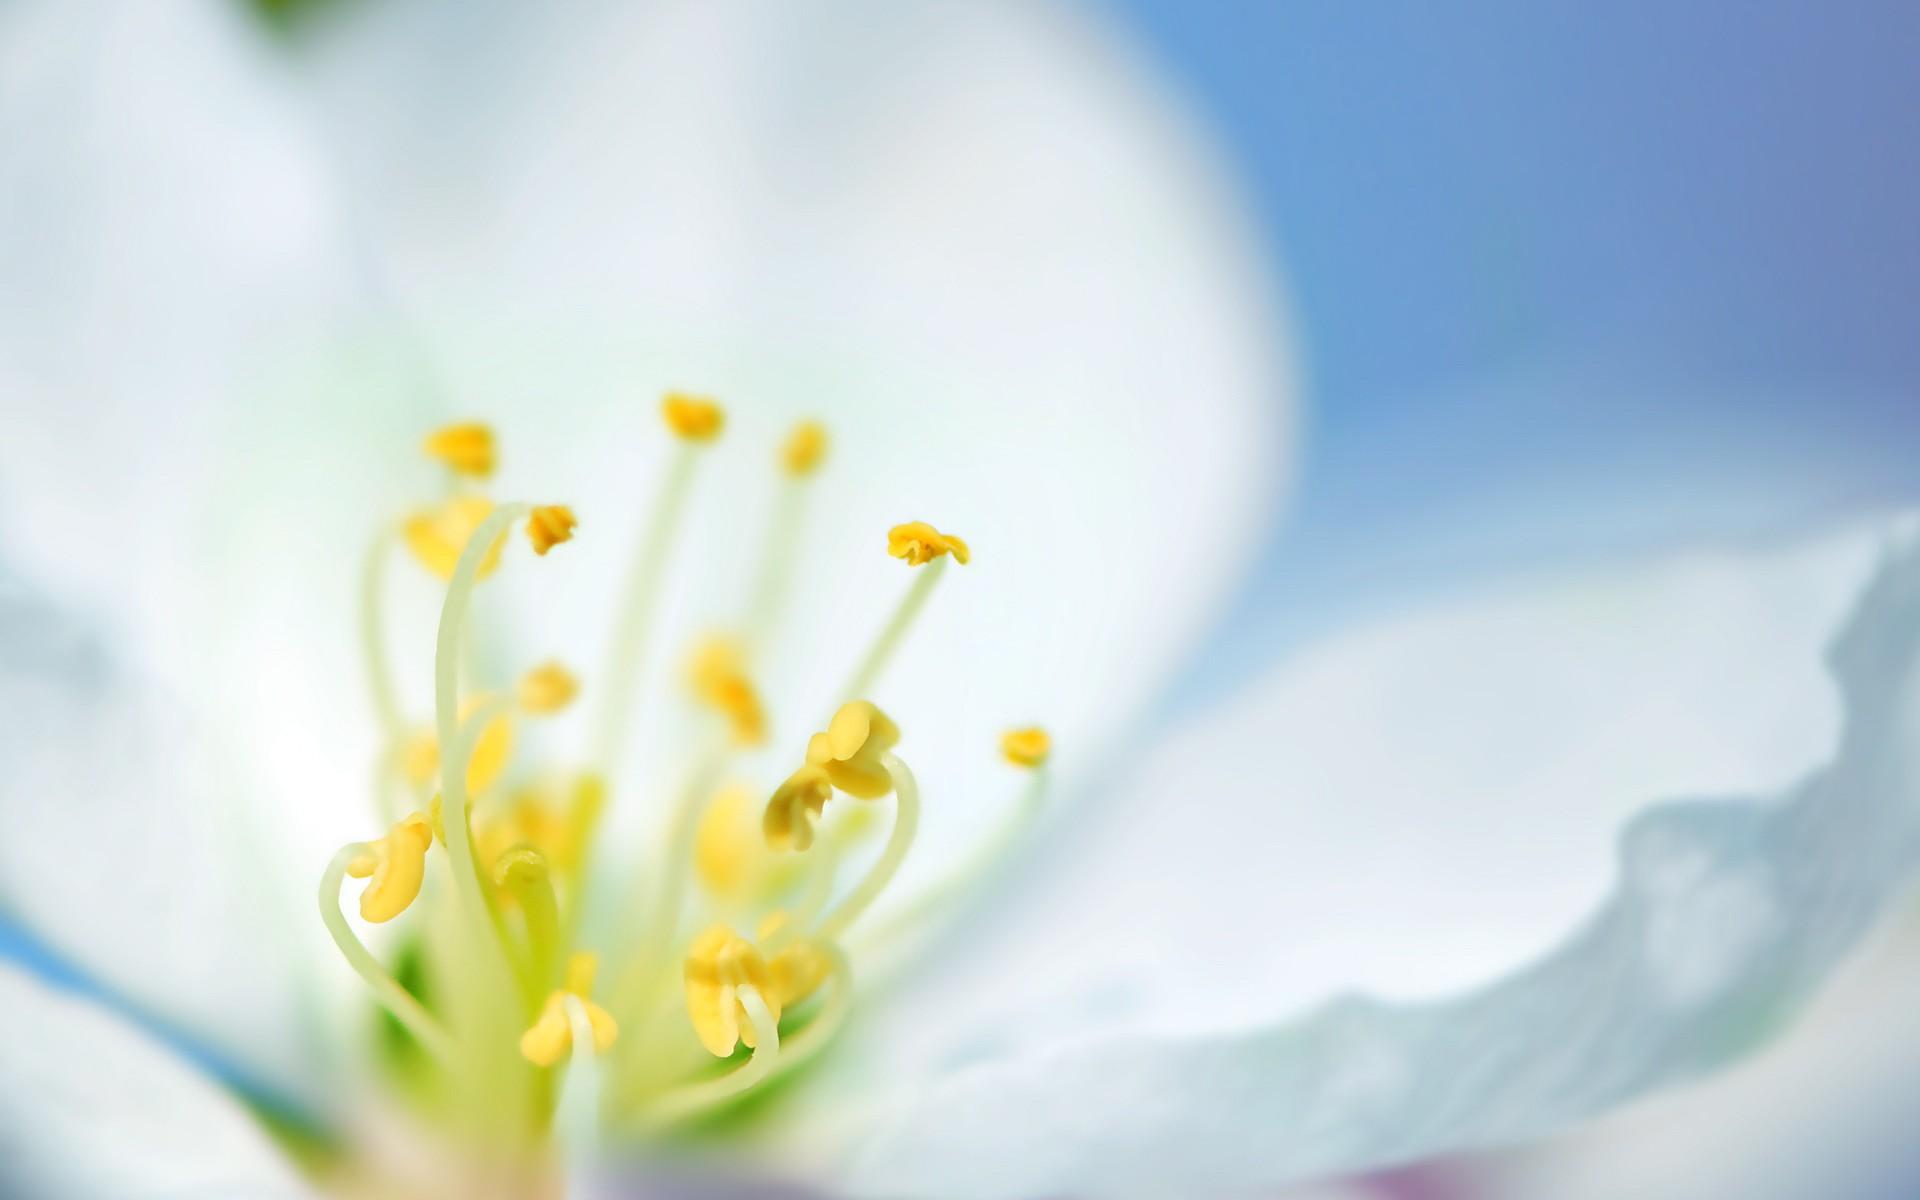 Una flor blanca en macro - 1920x1200